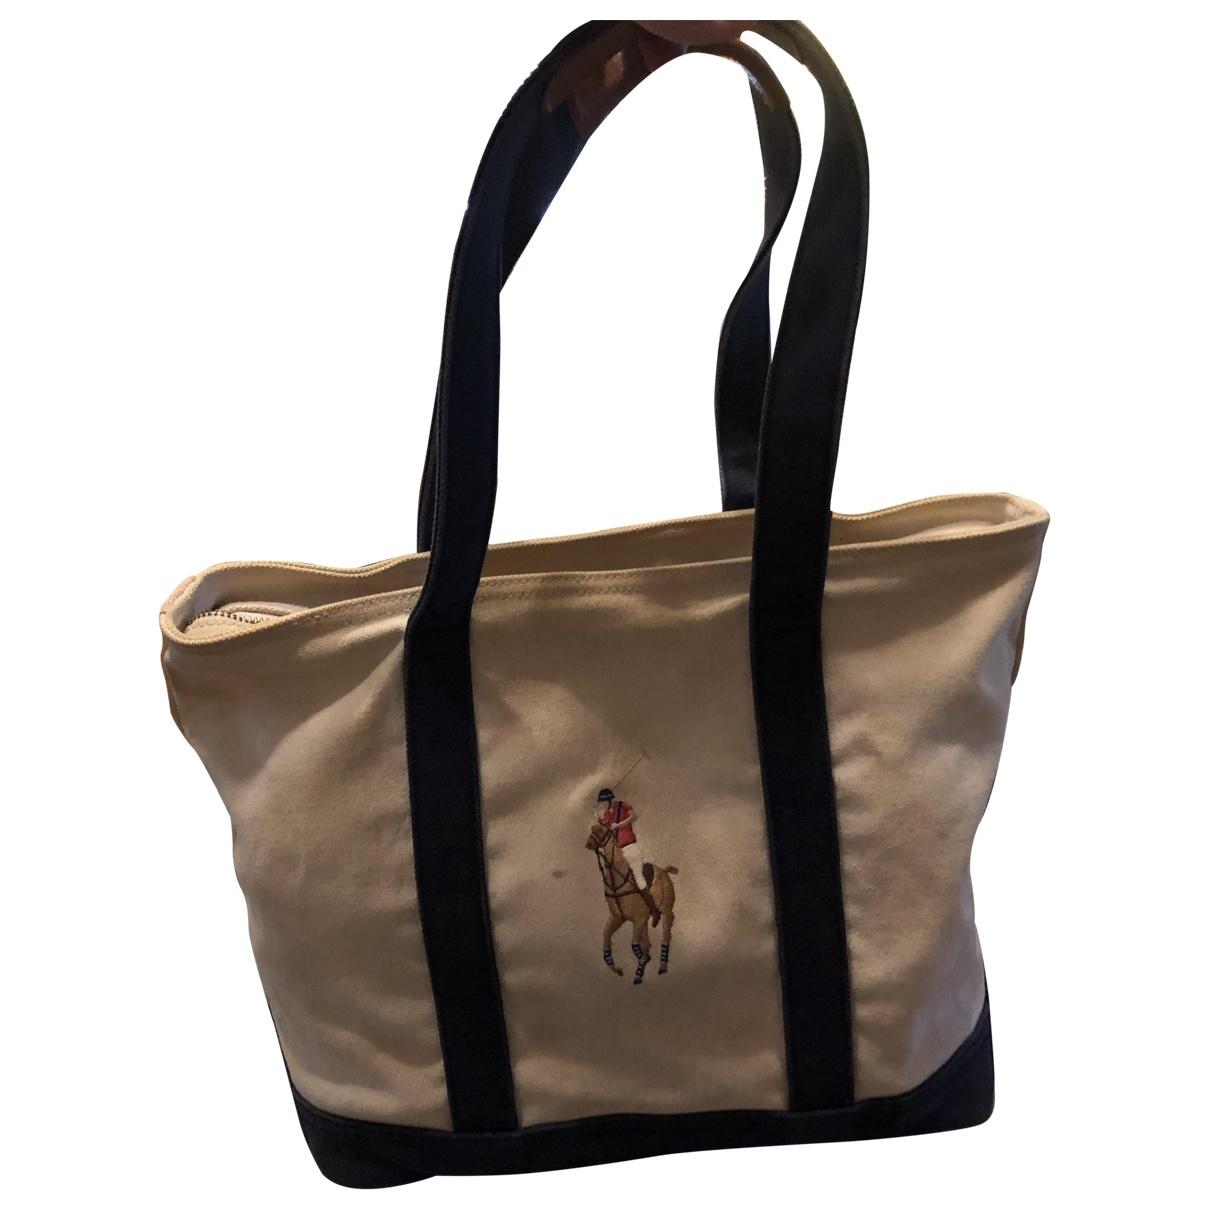 Ralph Lauren \N Handtasche in  Beige Denim - Jeans